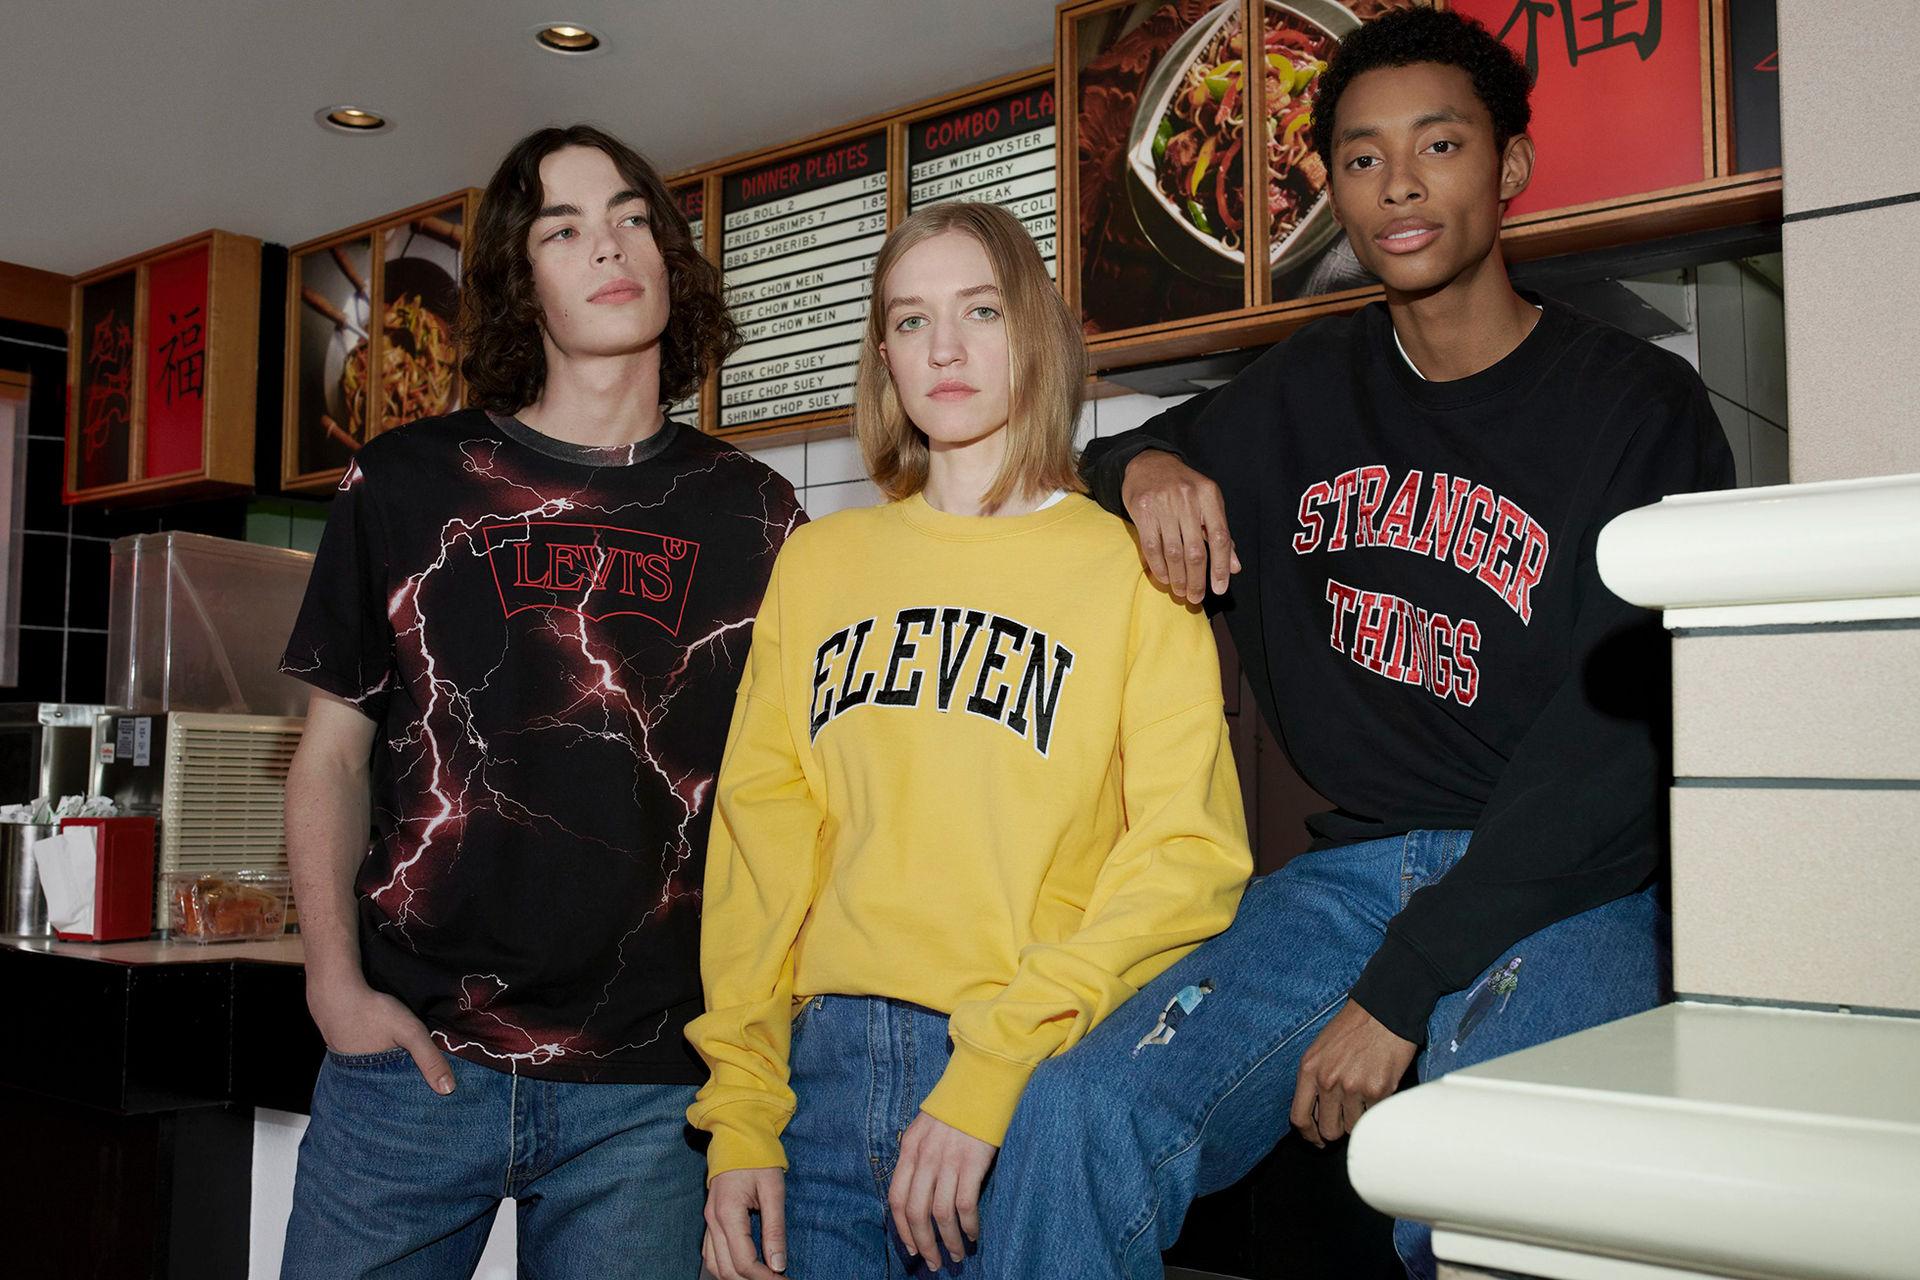 Levi's visar också Stranger Things-kollektion